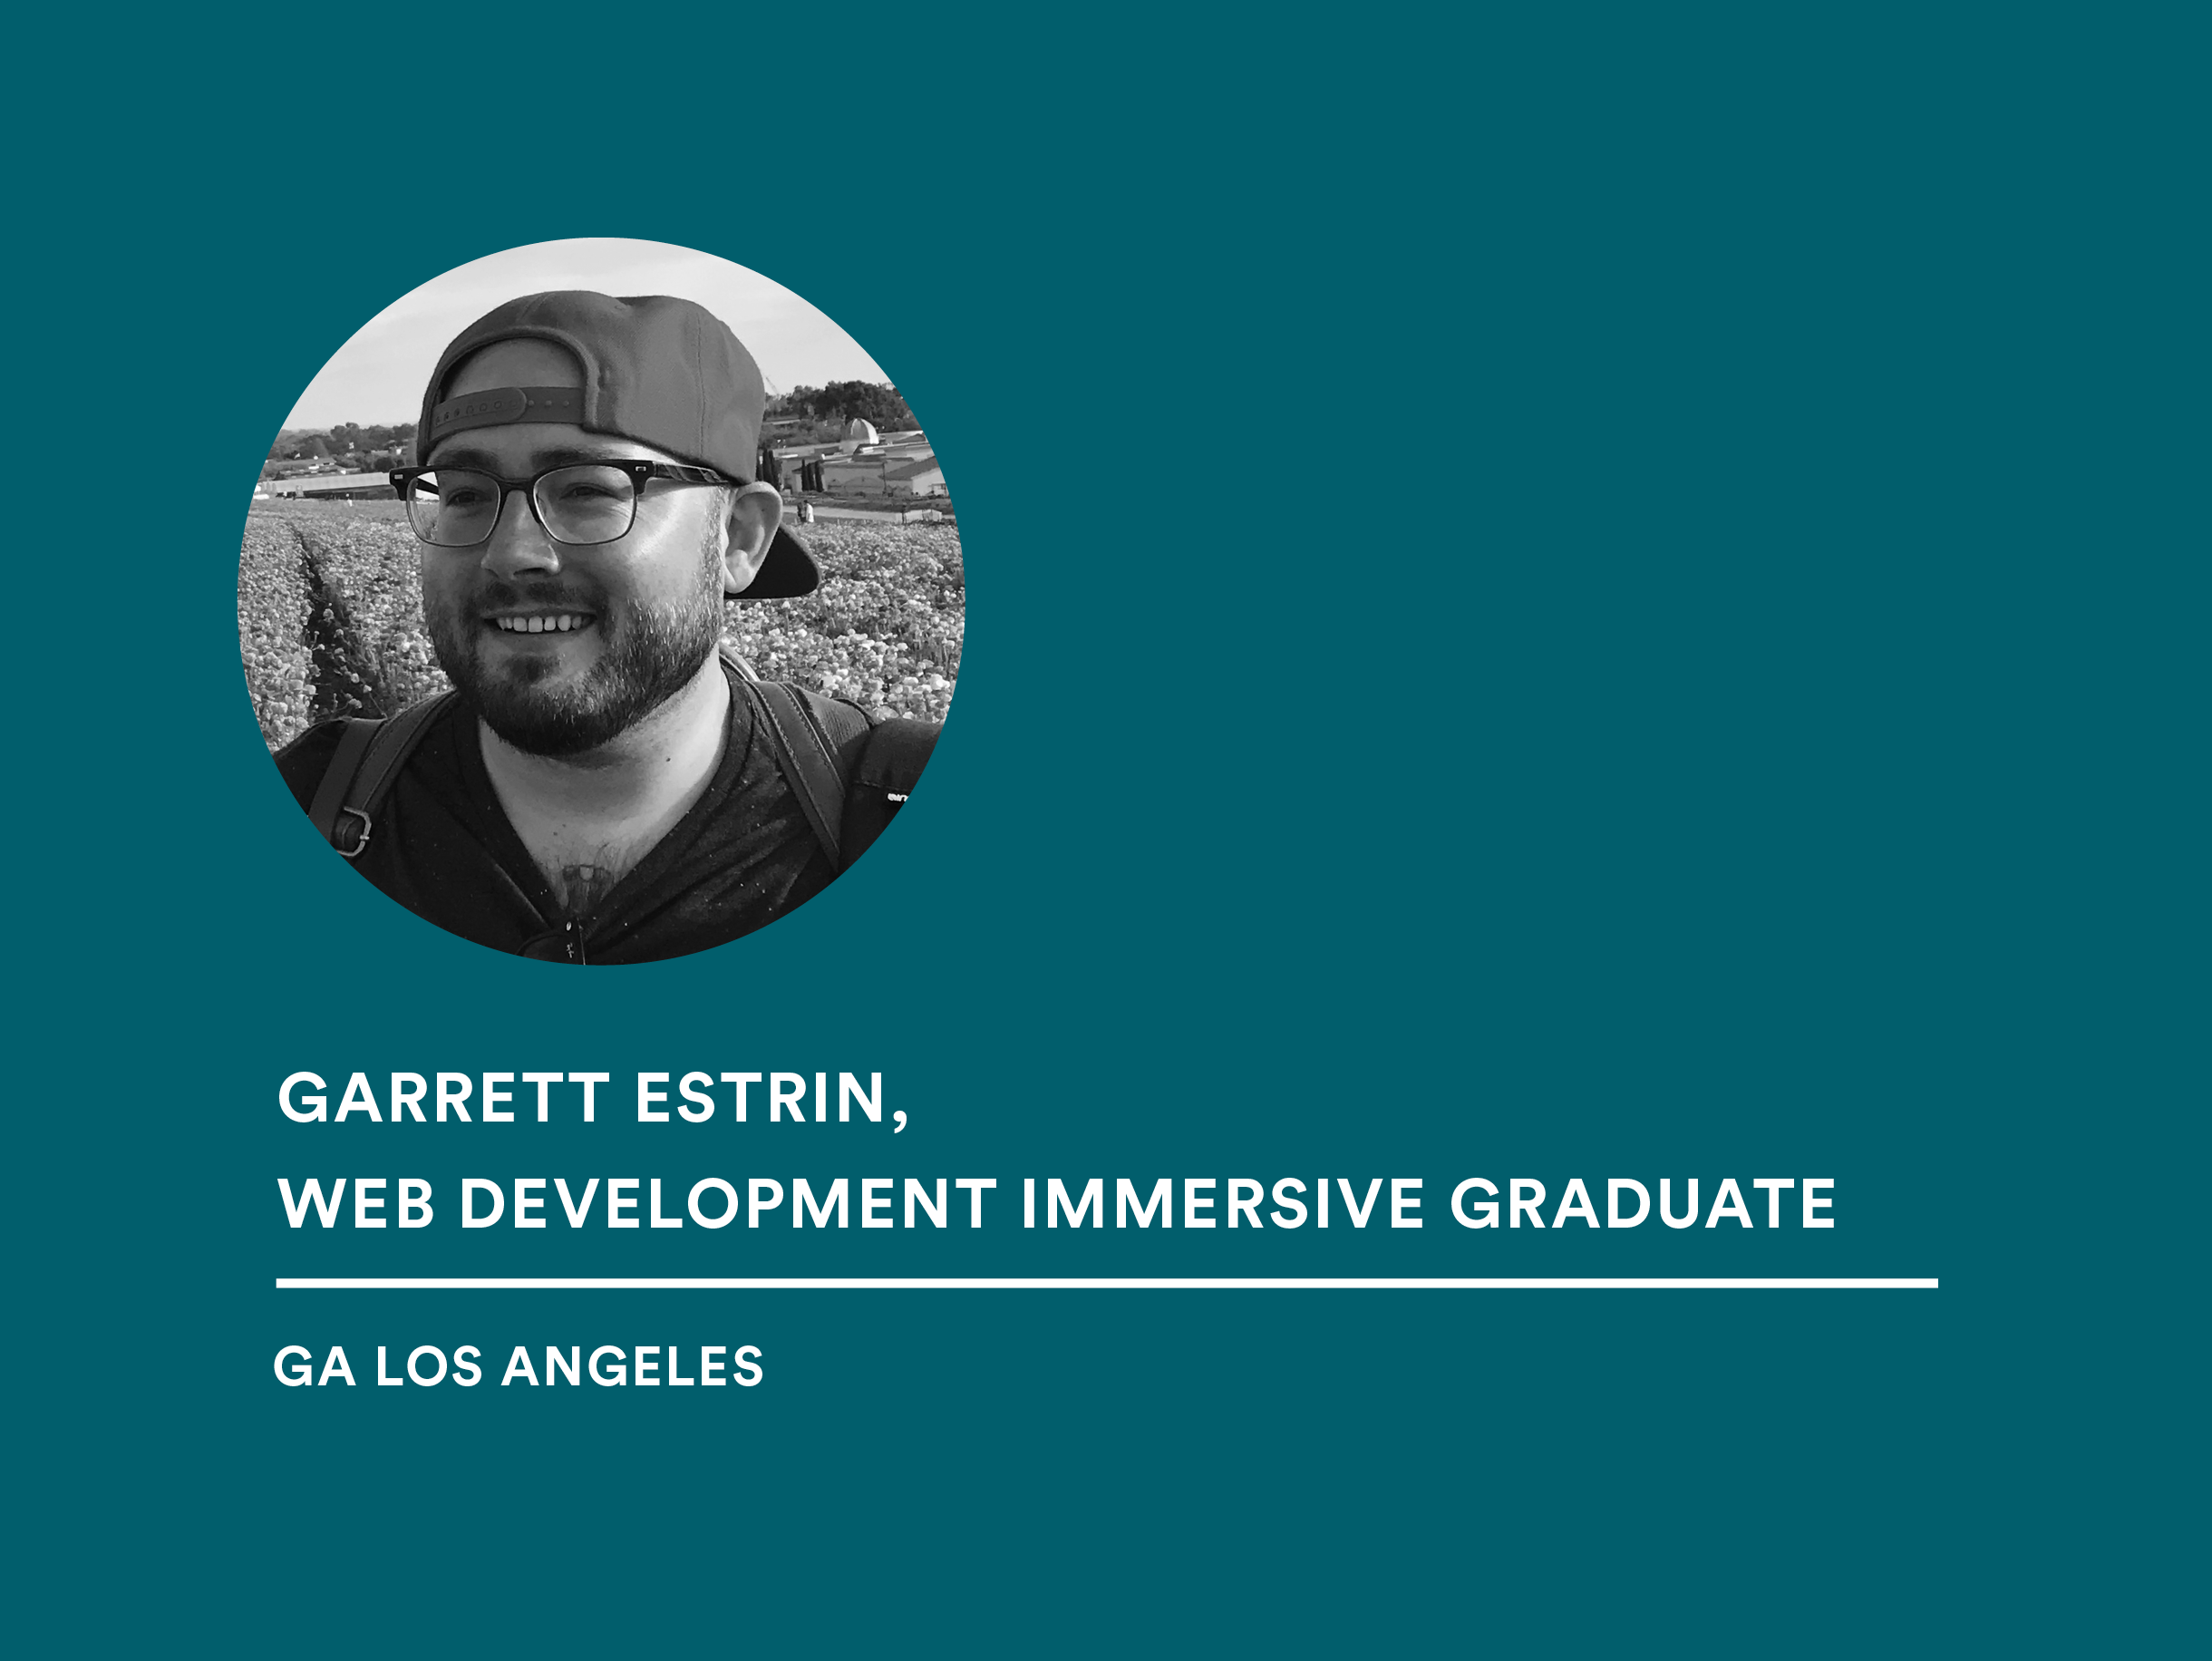 Student Garrett Estrin